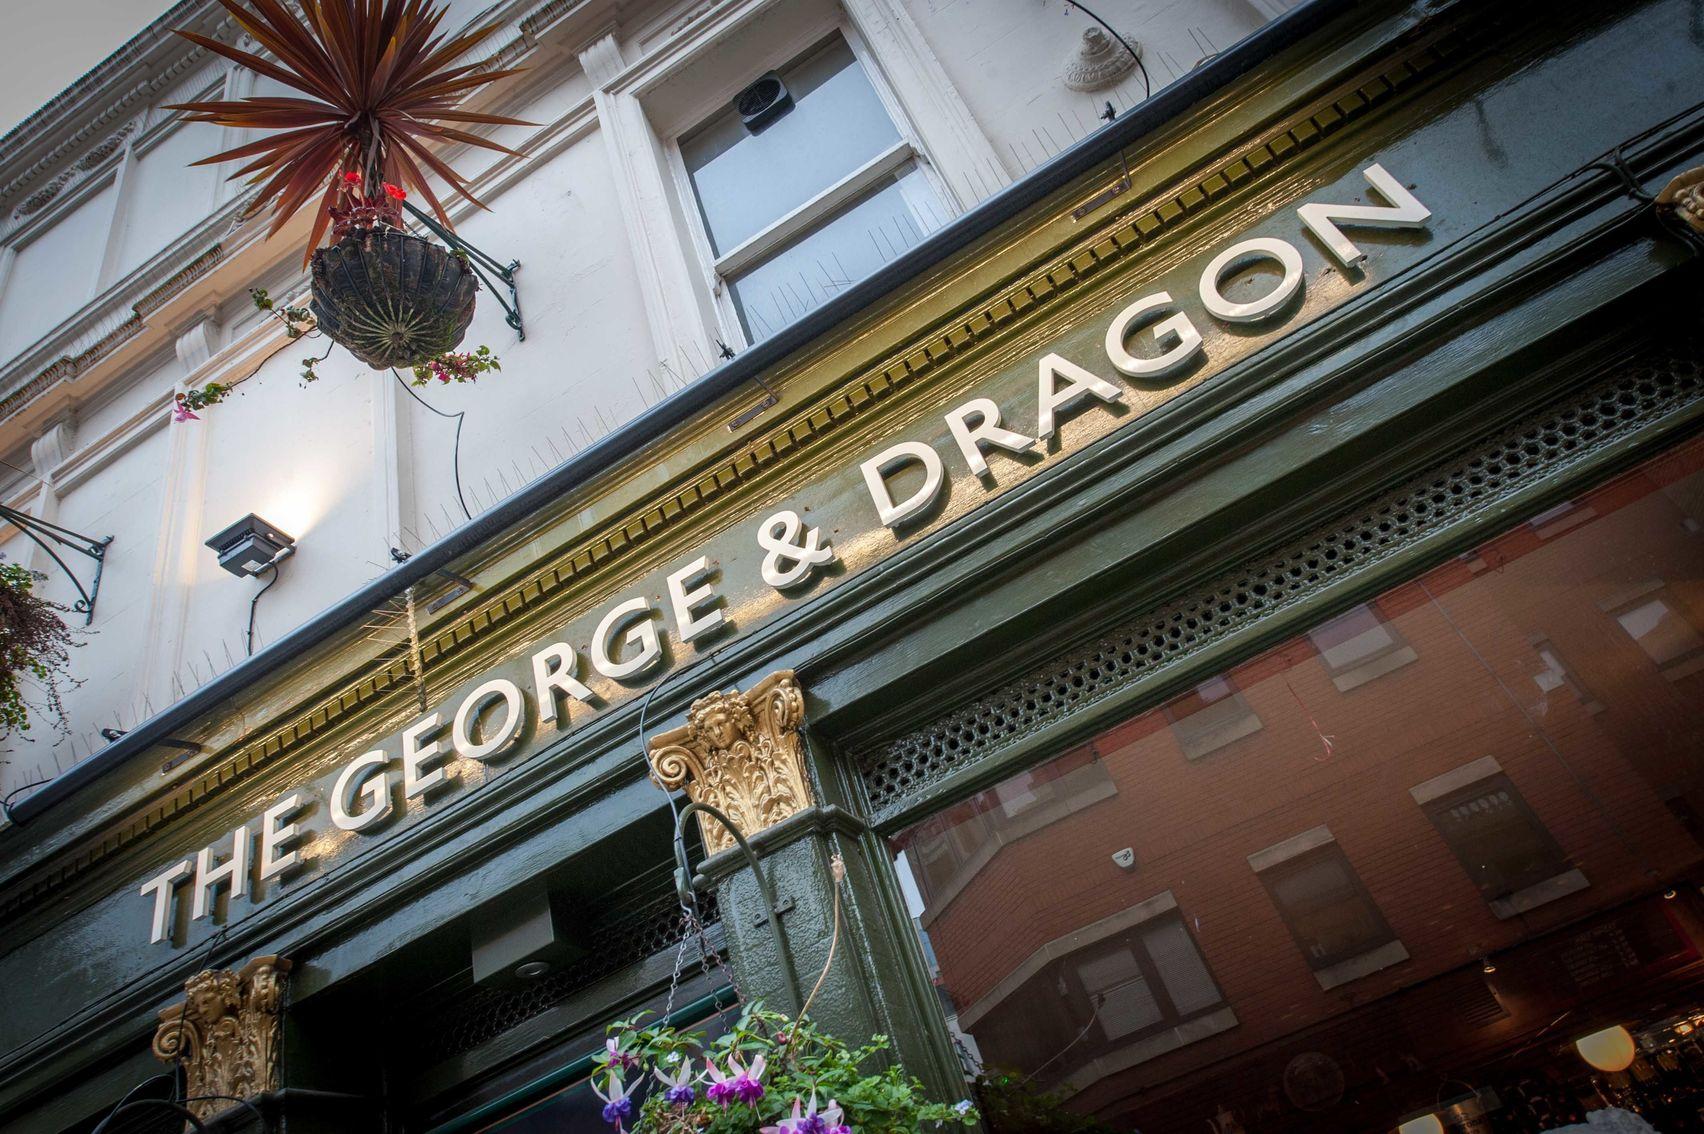 Entire Pub, George & Dragon